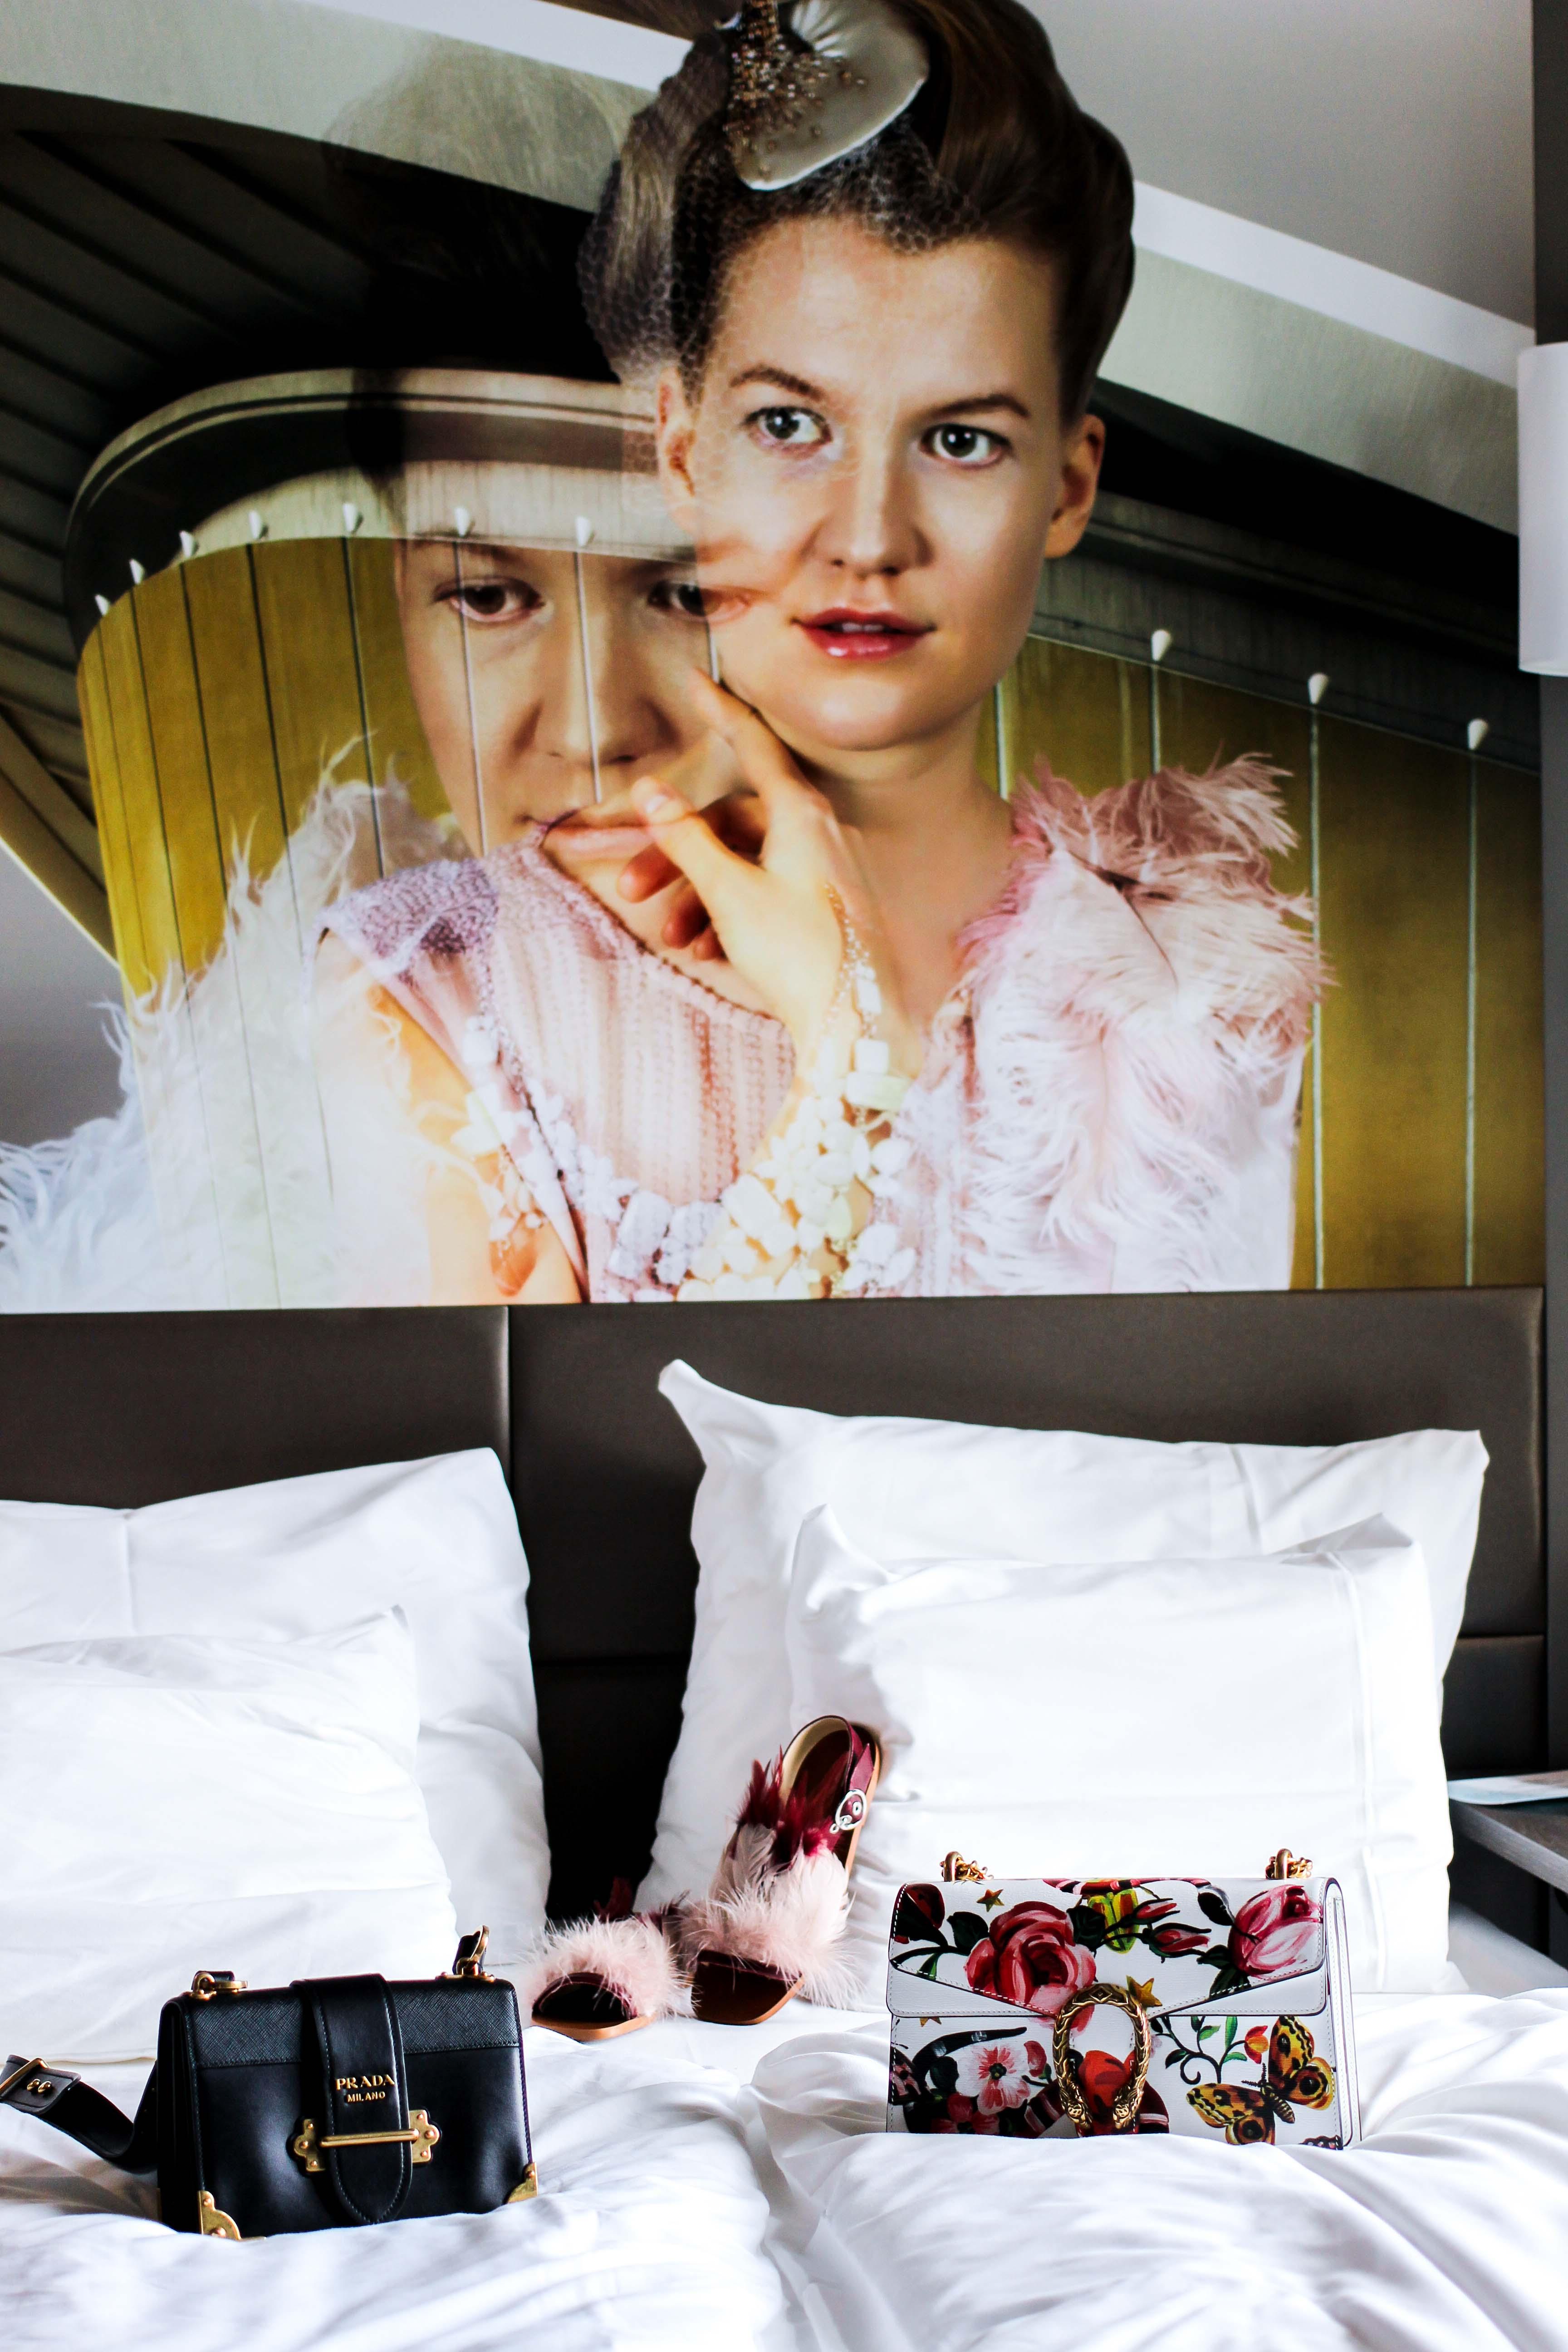 Mein Hotel zur Fashion Week Mercure Hotel Berlin Wittenbergplatz Berlins Trend-Hotel Modeblogger Zimmer Bett Prada Gucci Taschen